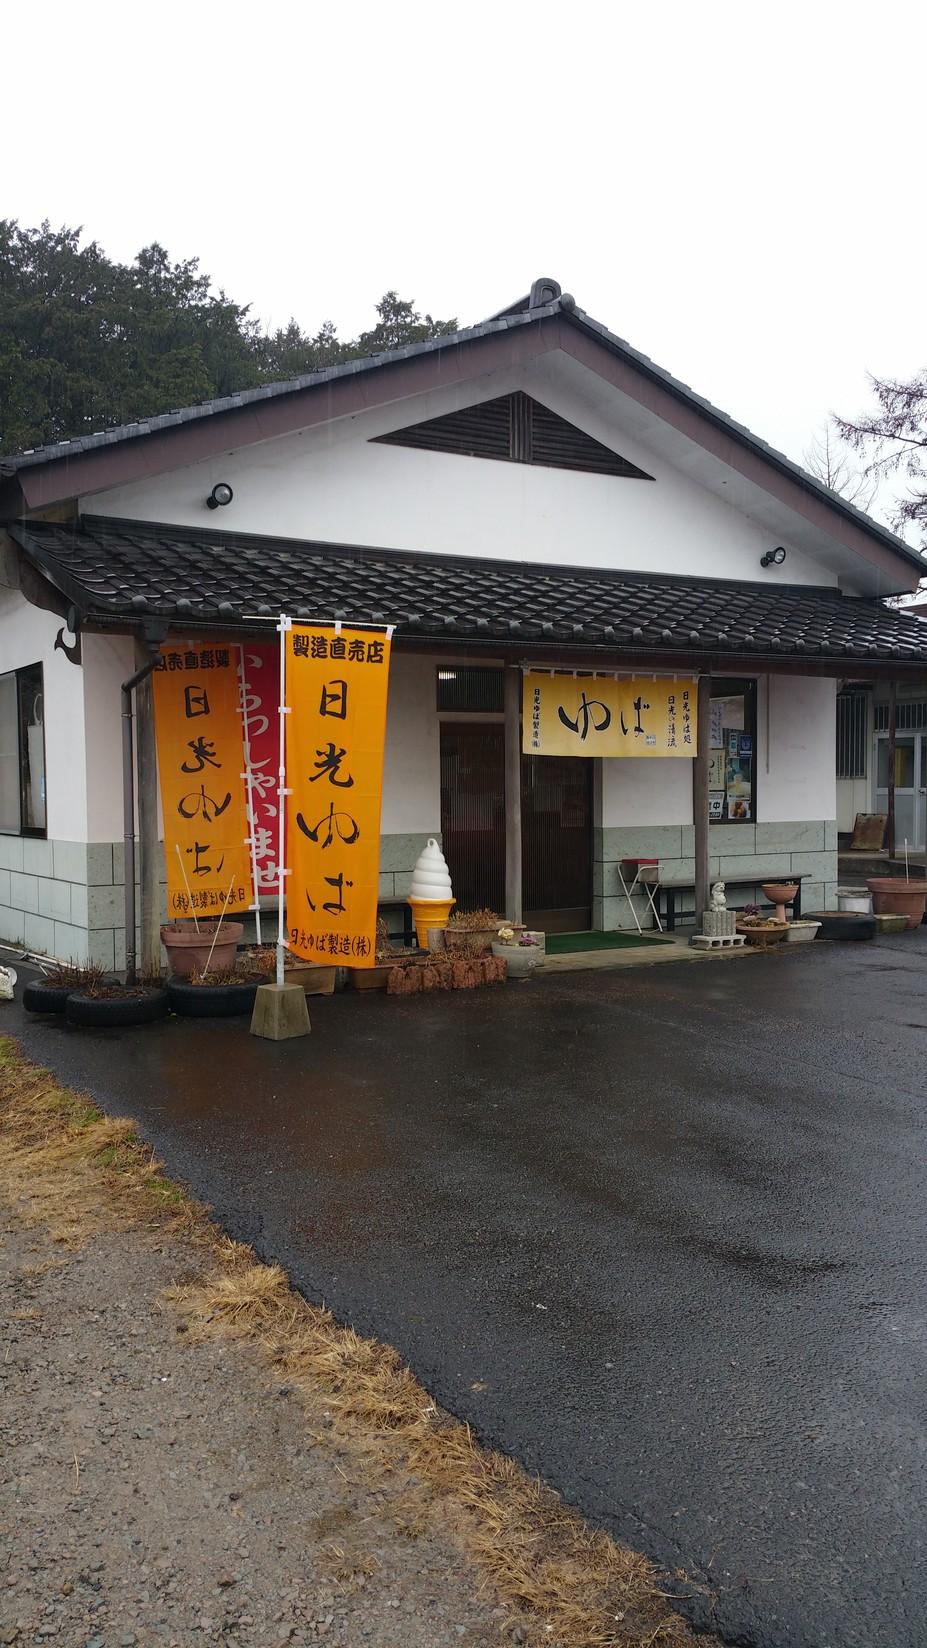 日光ゆば製造株式会社 name=